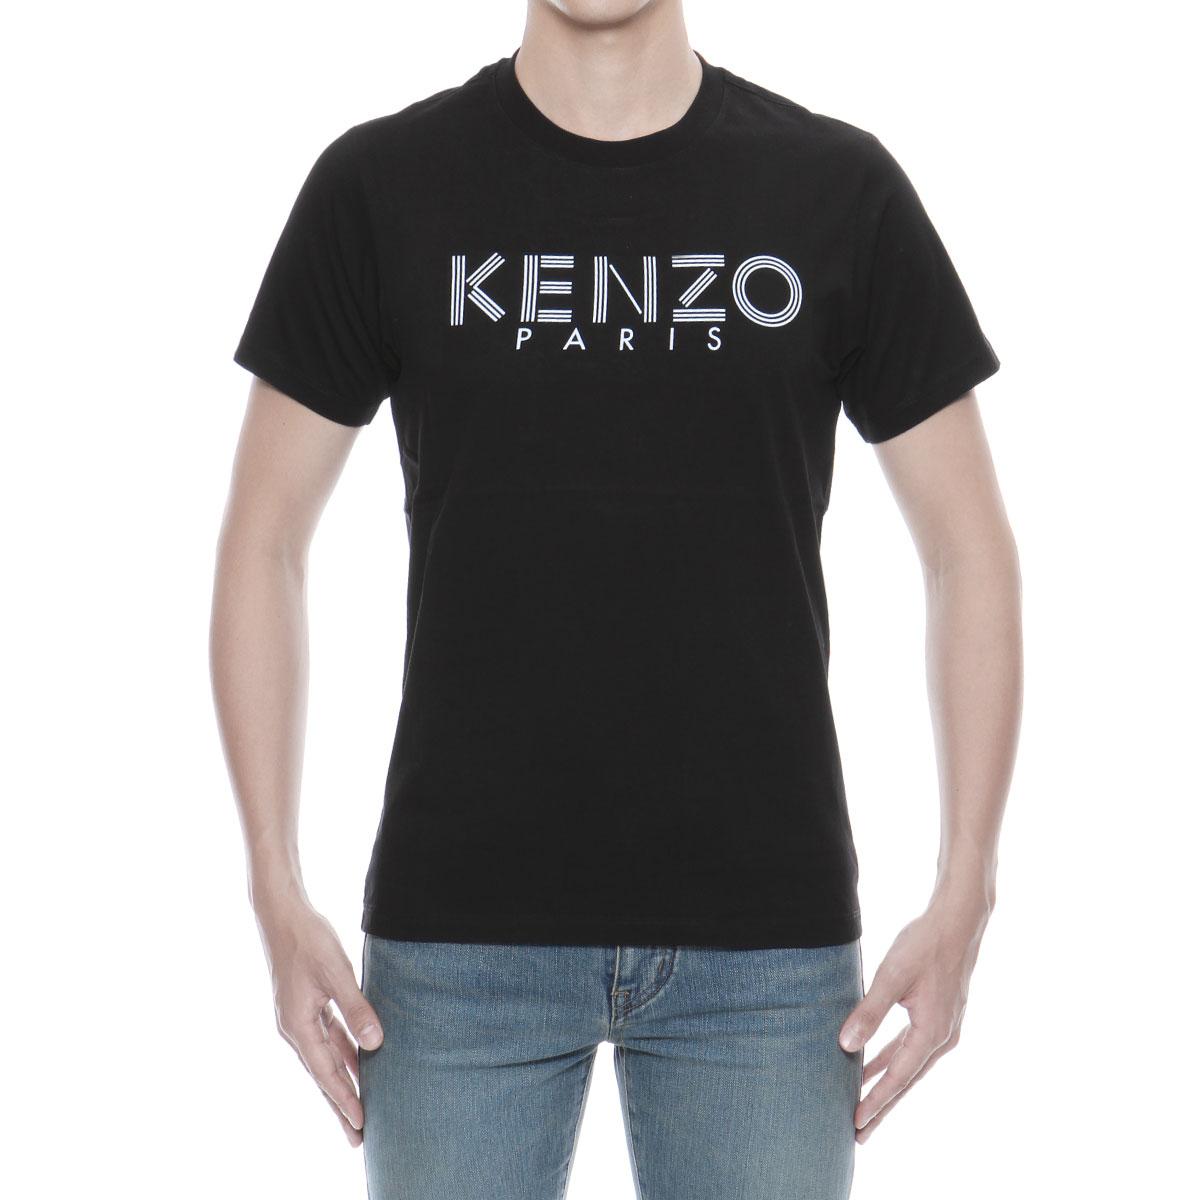 b2b7238606 Kenzo KENZO T-shirt men 5TS0924SG 99 short sleeves T-shirt BLACK black